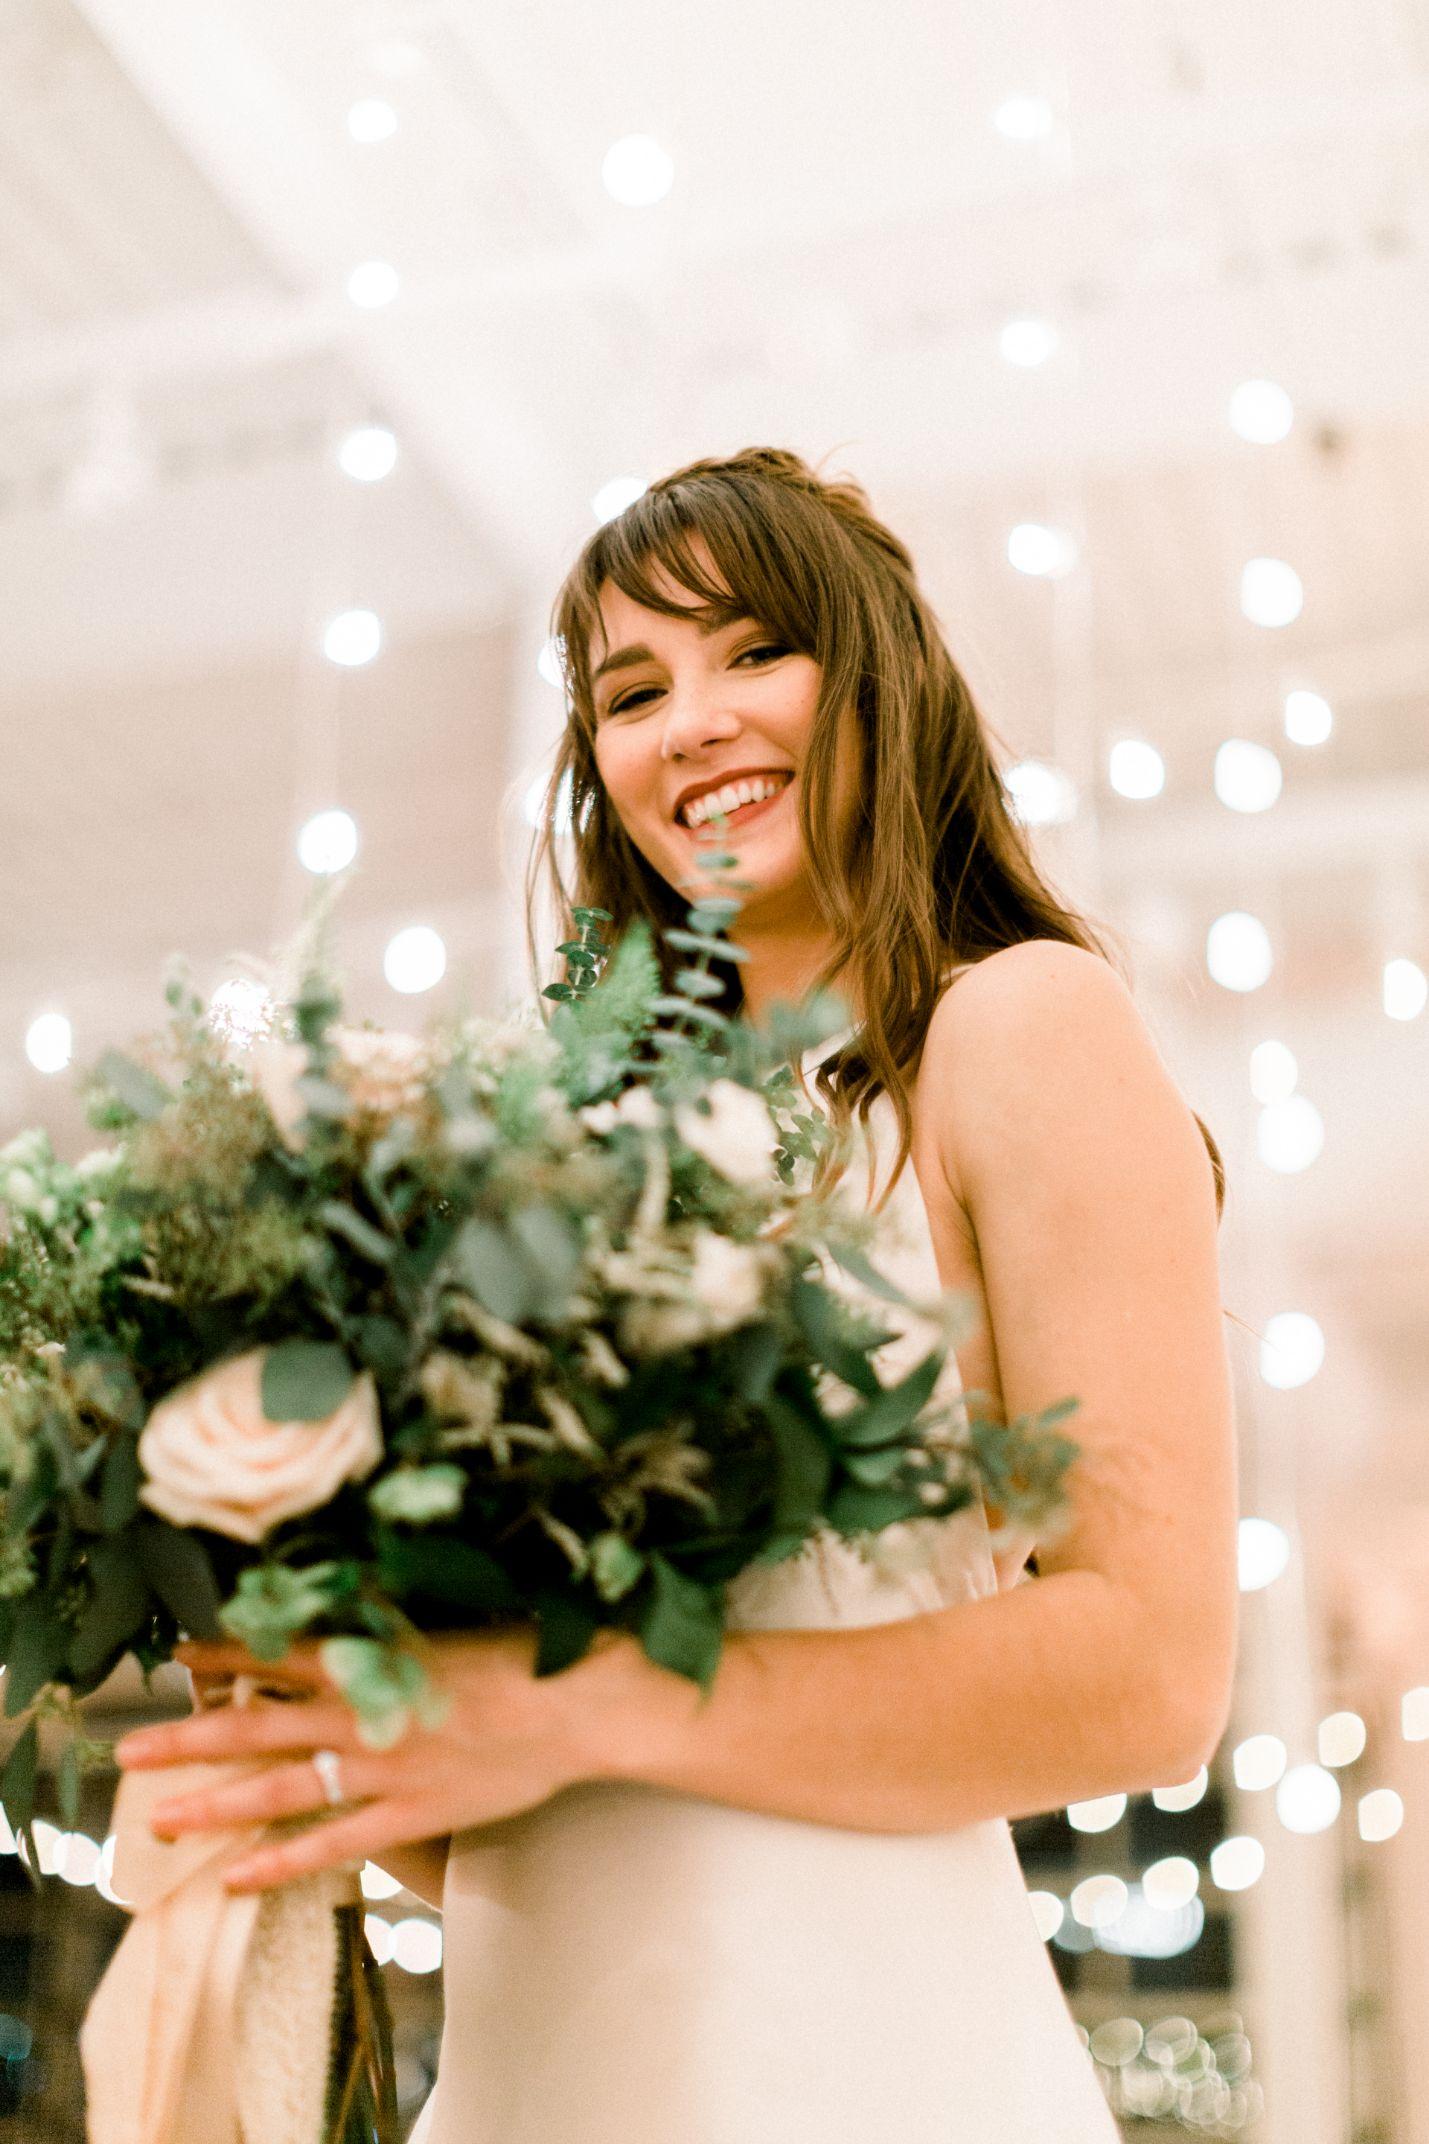 artists-for-humanity-industrial-bohemian-wedding-daylynn-designs433.jpg